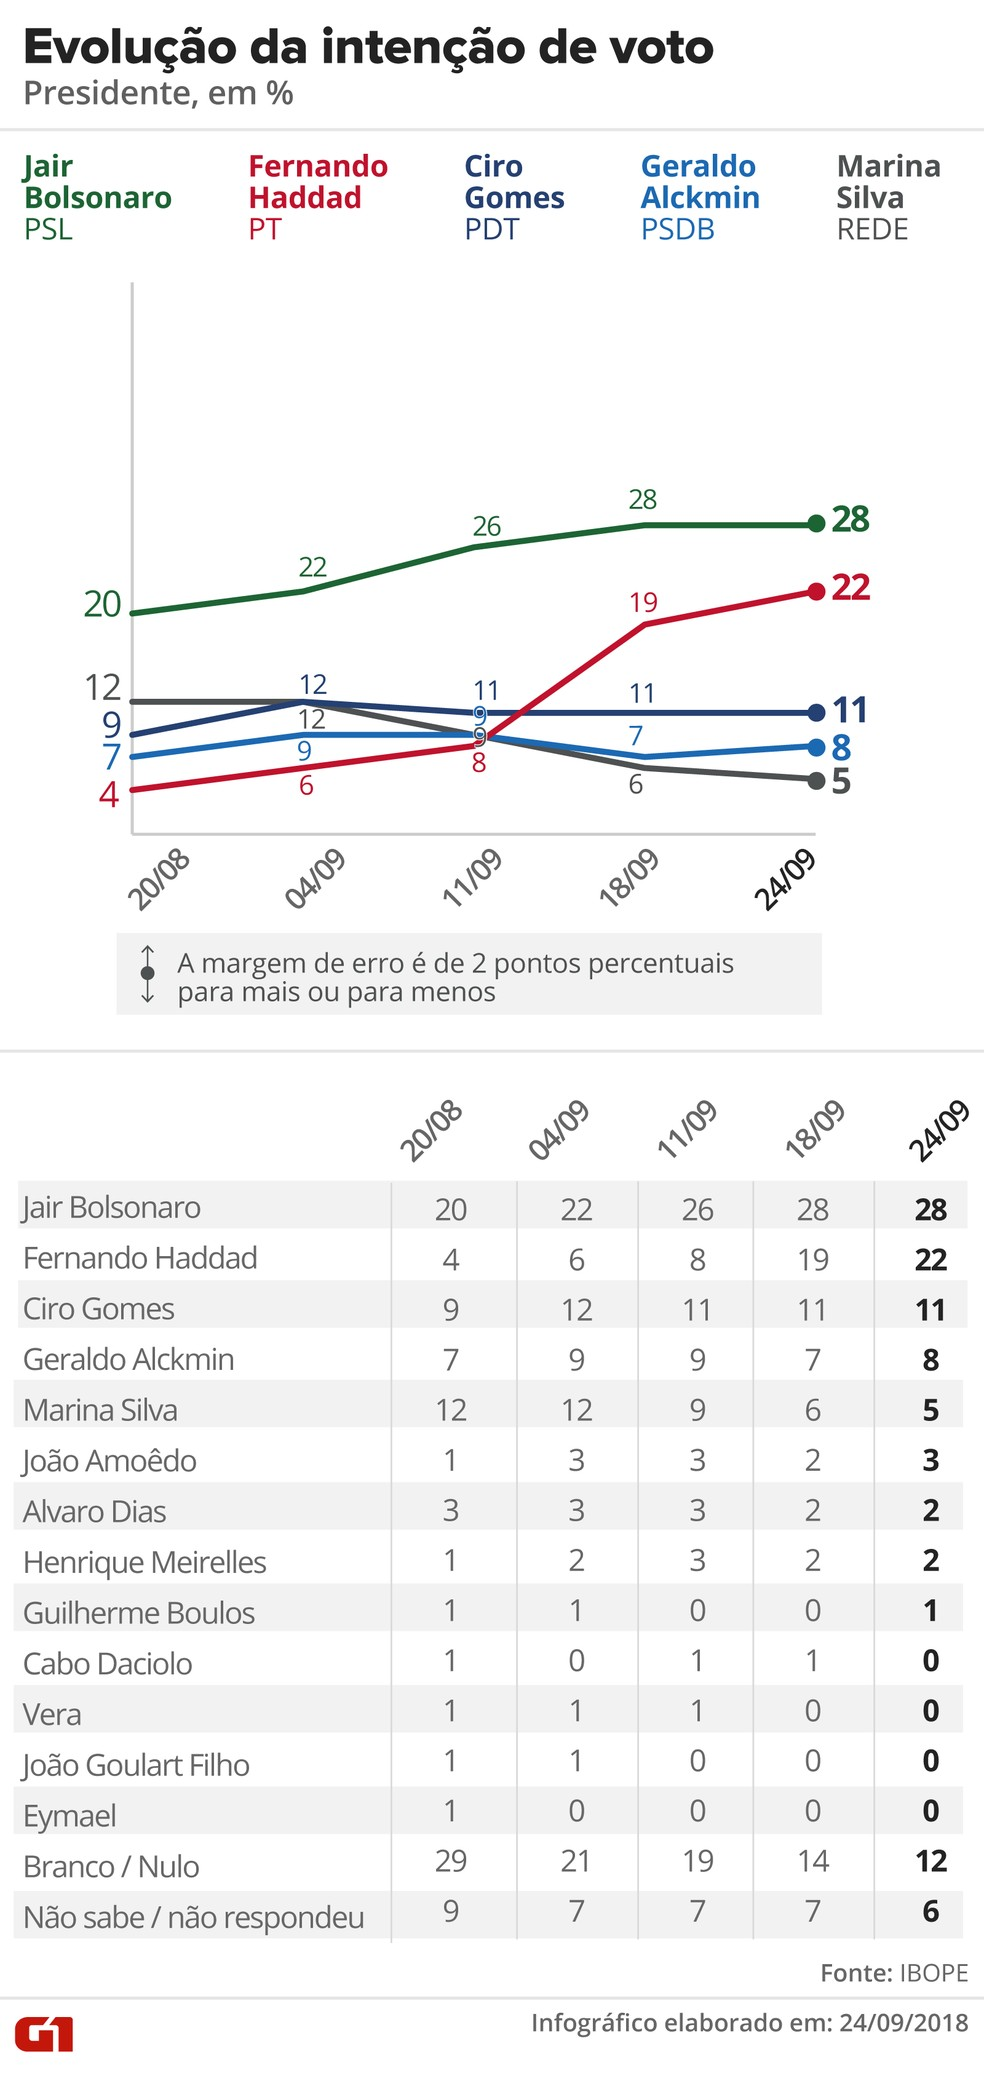 Pesquisa Ibope - 24 de setembro - Evolução da intenção de voto para presidente — Foto: Arte/G1